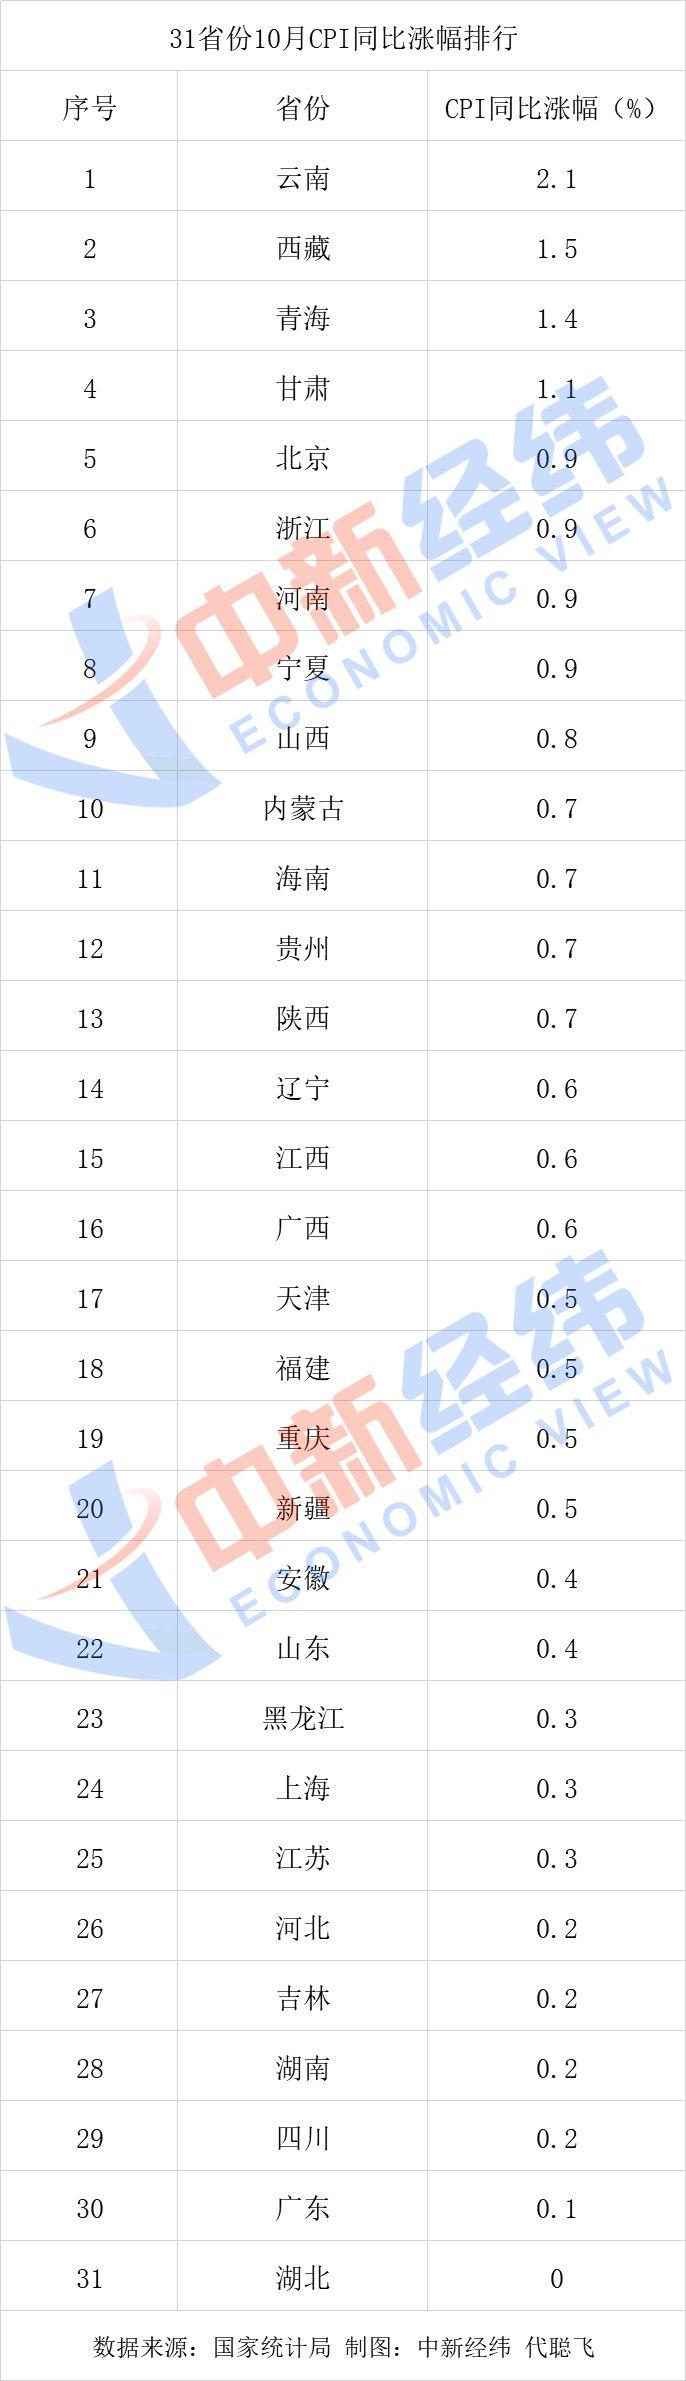 """10月各地物价怎么?27省份CPI涨幅破""""1""""湖北为0"""